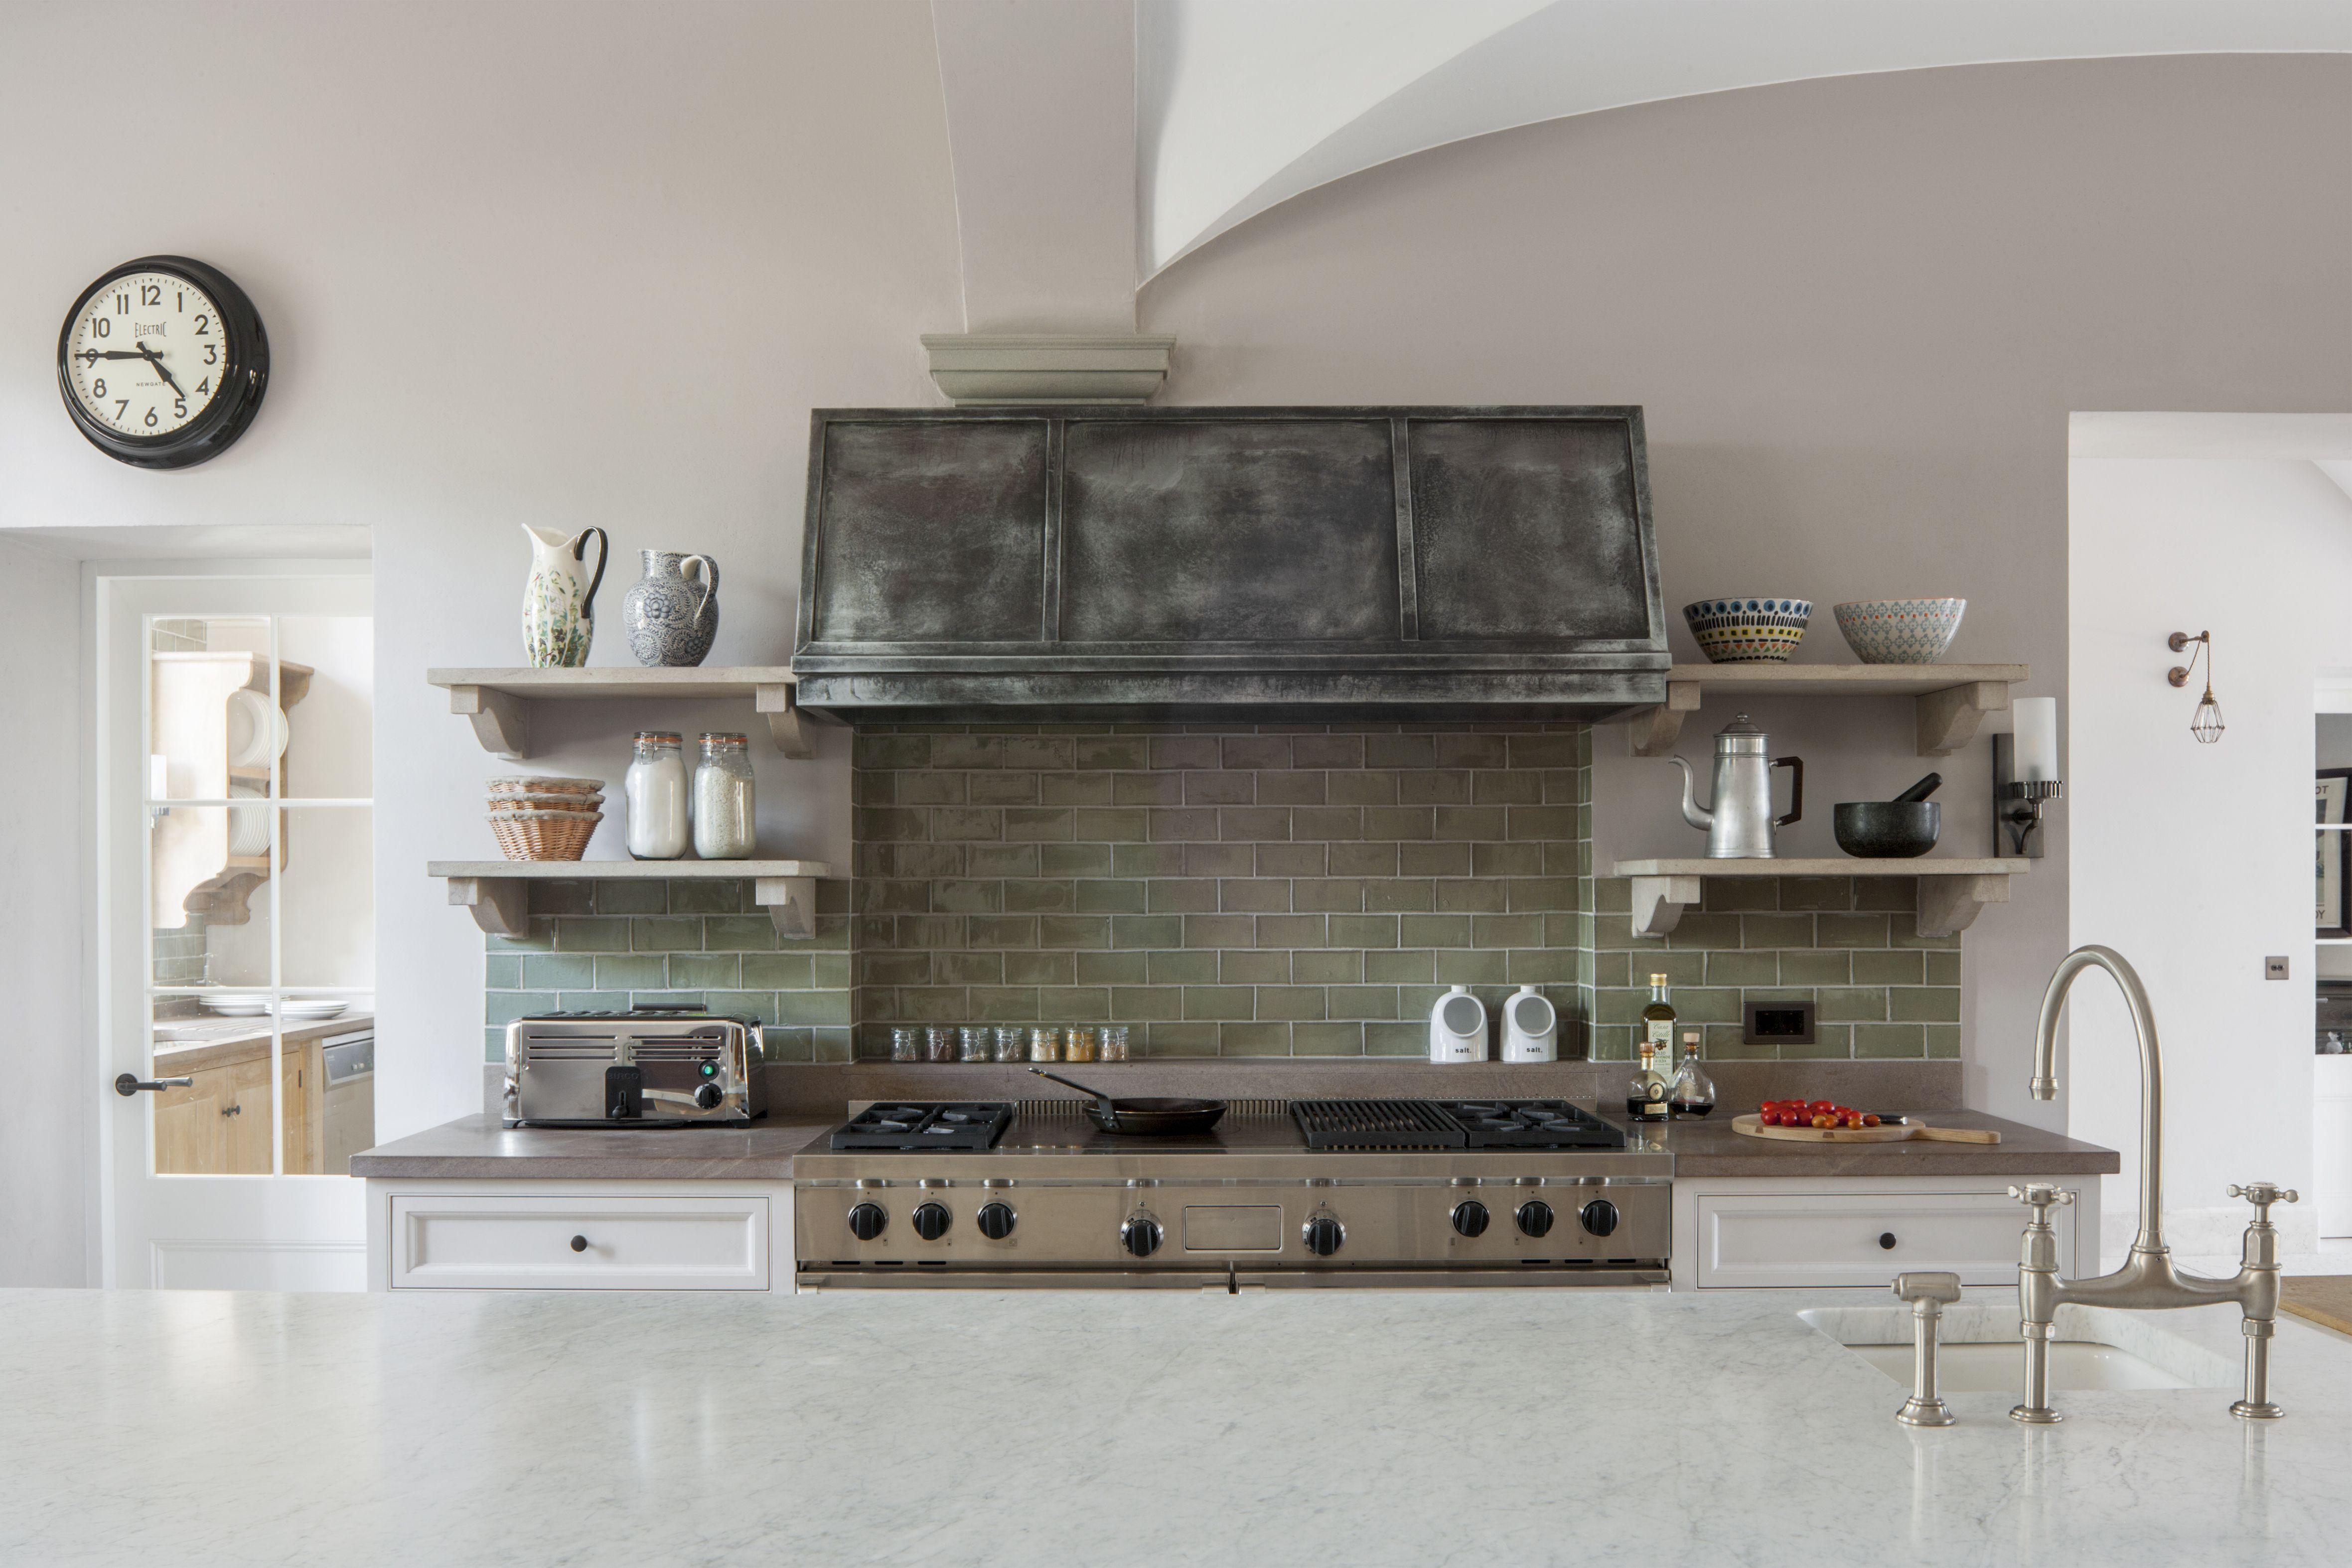 Extractor Cocina S&p   Zinc Extractor Hood In Bespoke Kitchen Designed By Artichoke